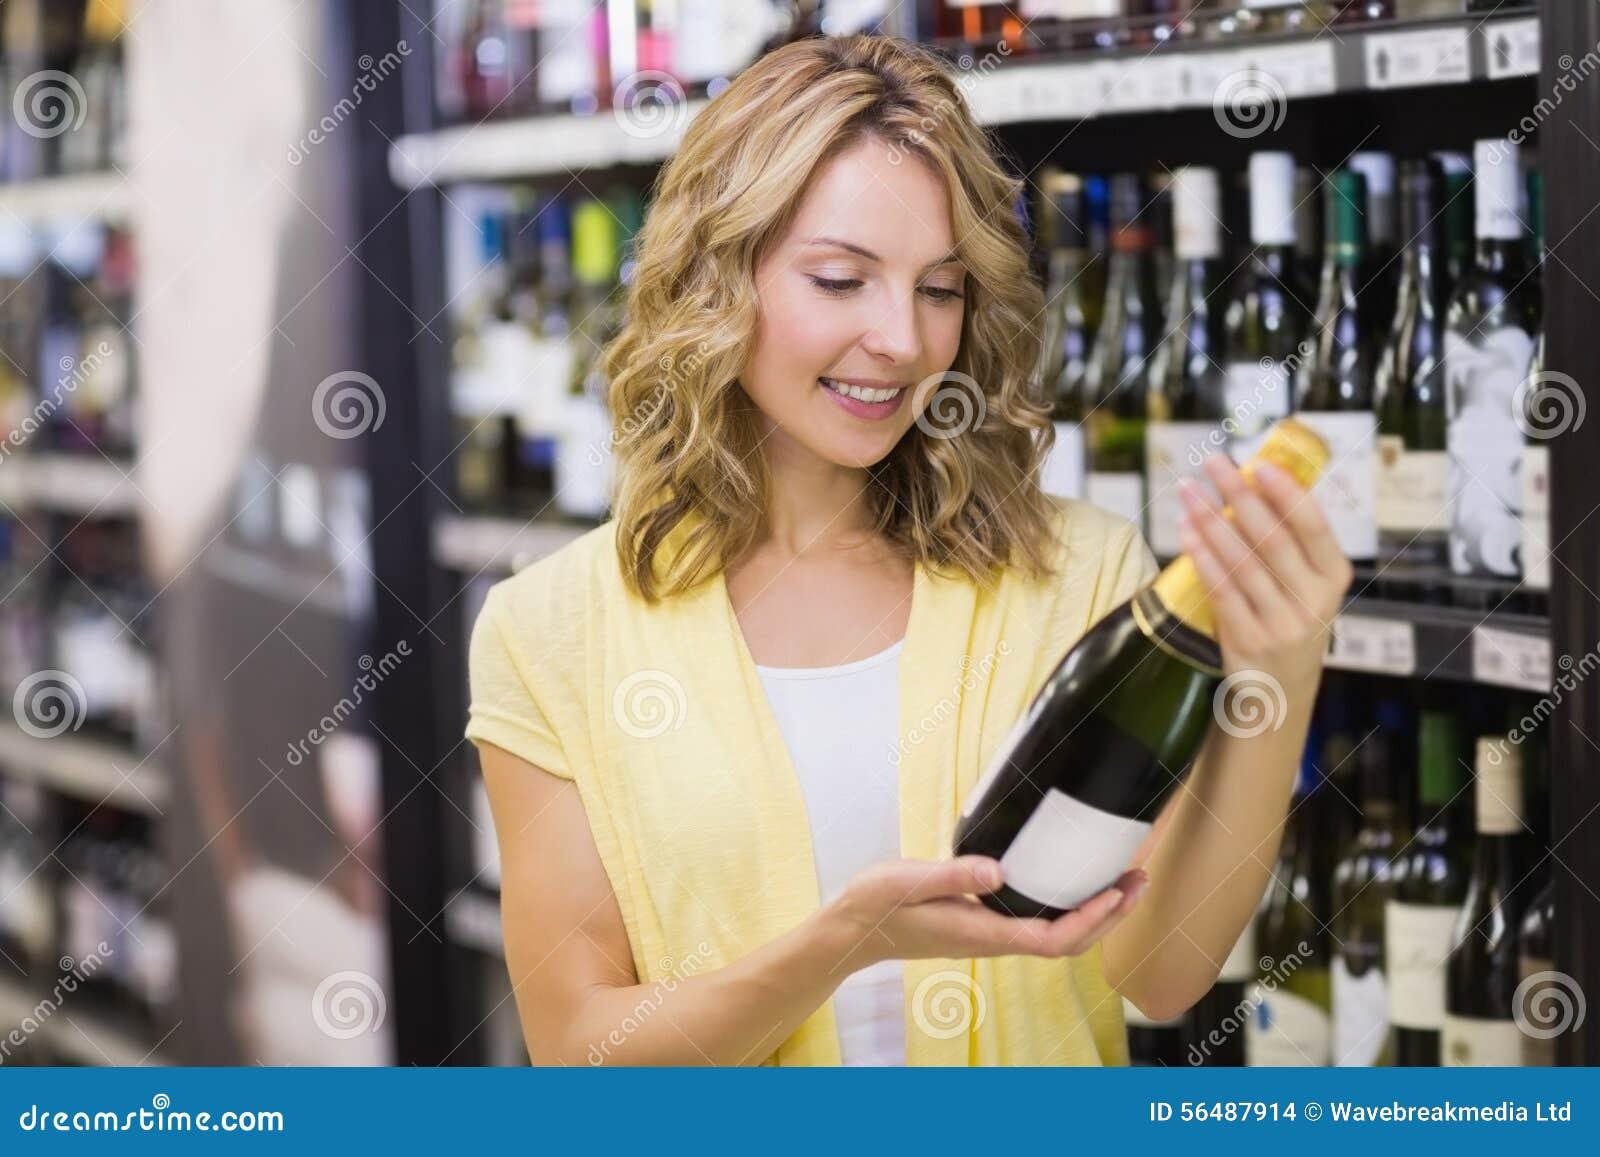 Sourire femme assez blonde regardant la bouteille de vin